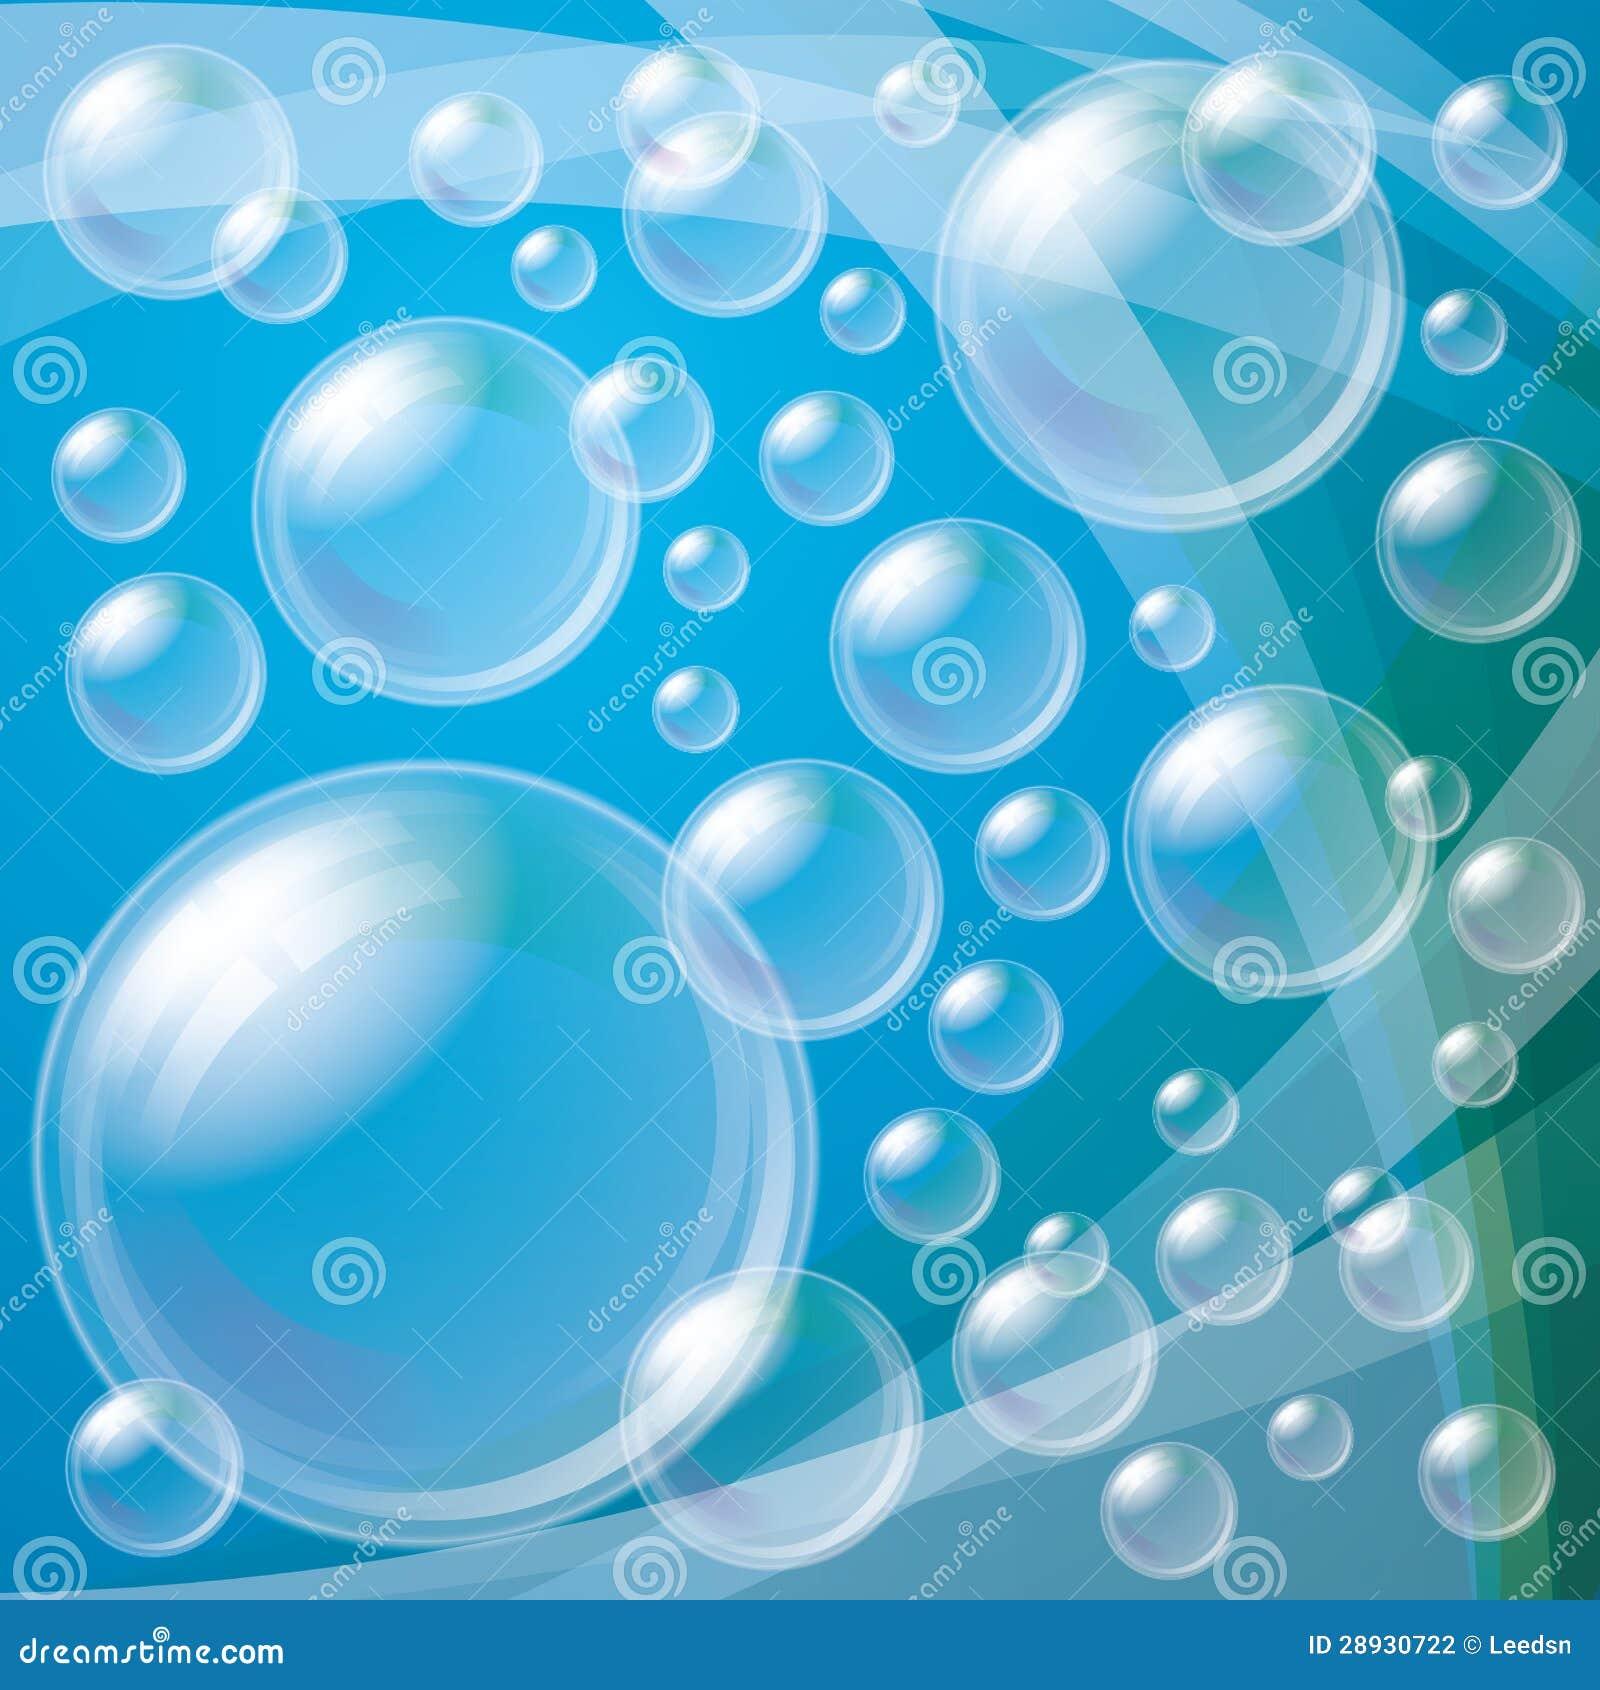 fondos de mar transparente - photo #21